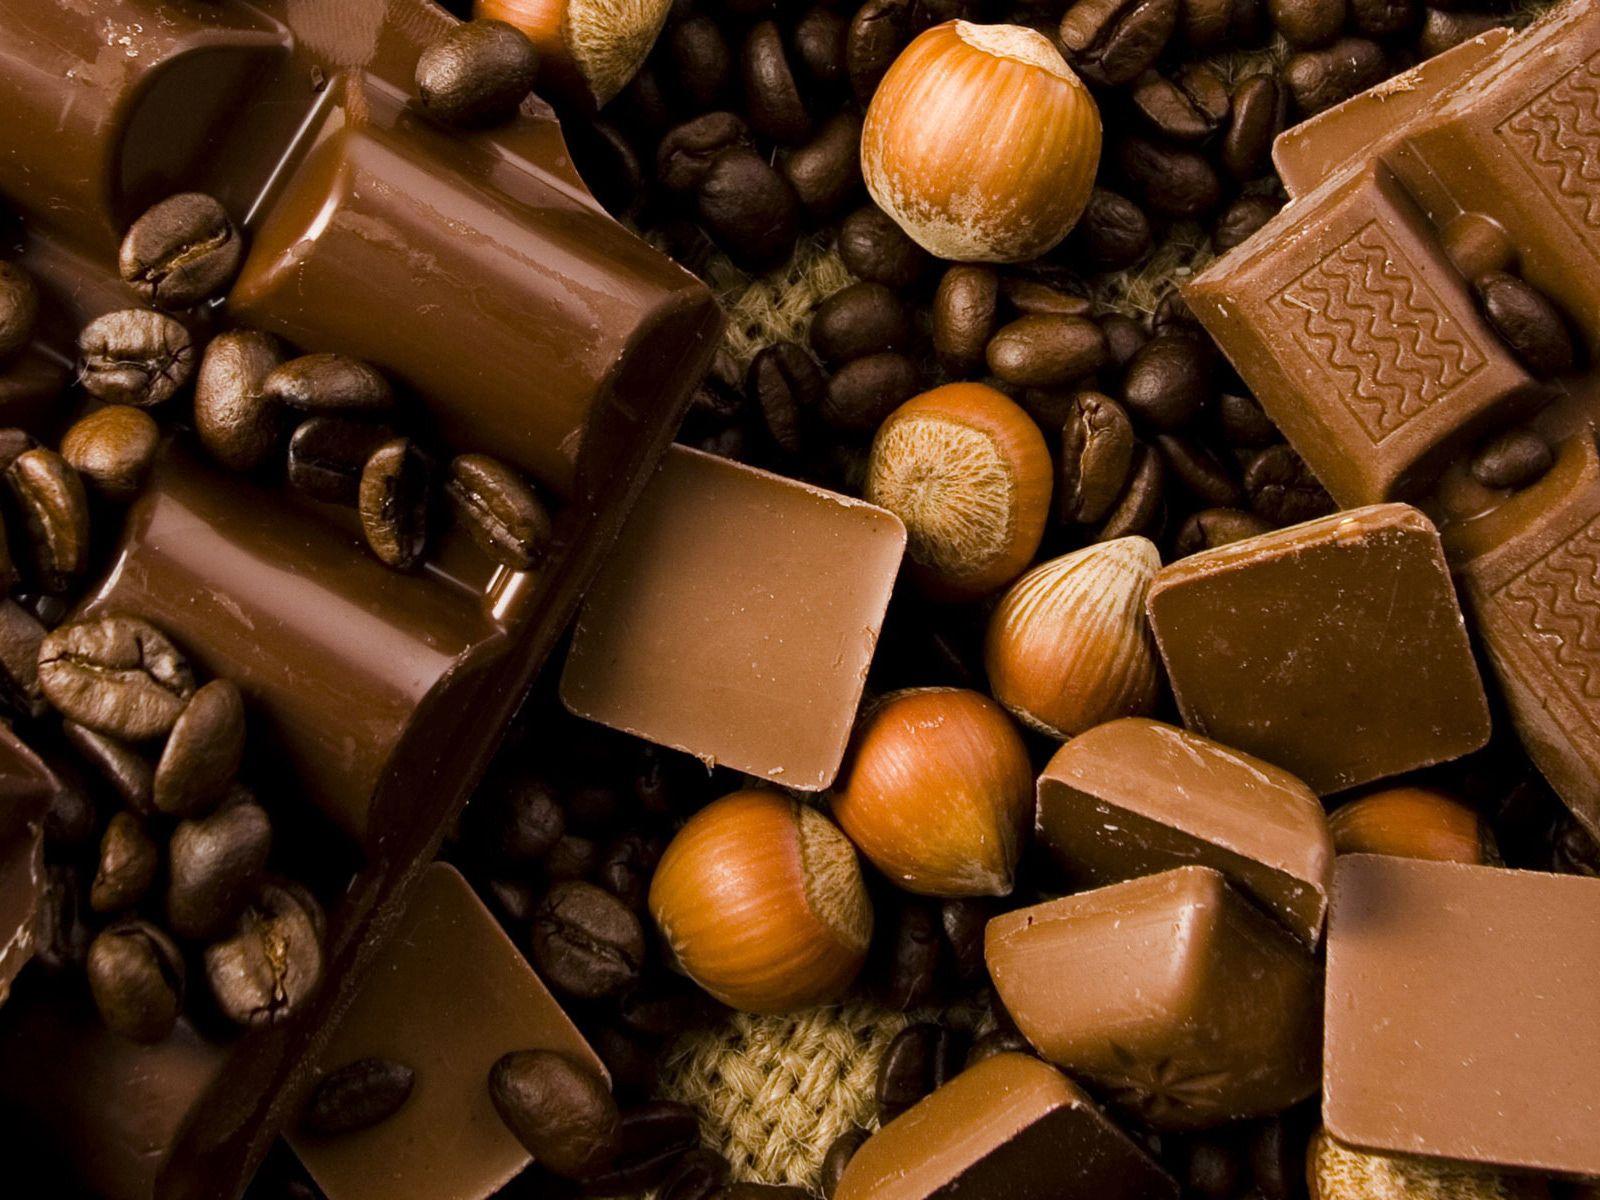 72332 скачать обои Еда, Шоколад, Орехи, Вкусно - заставки и картинки бесплатно